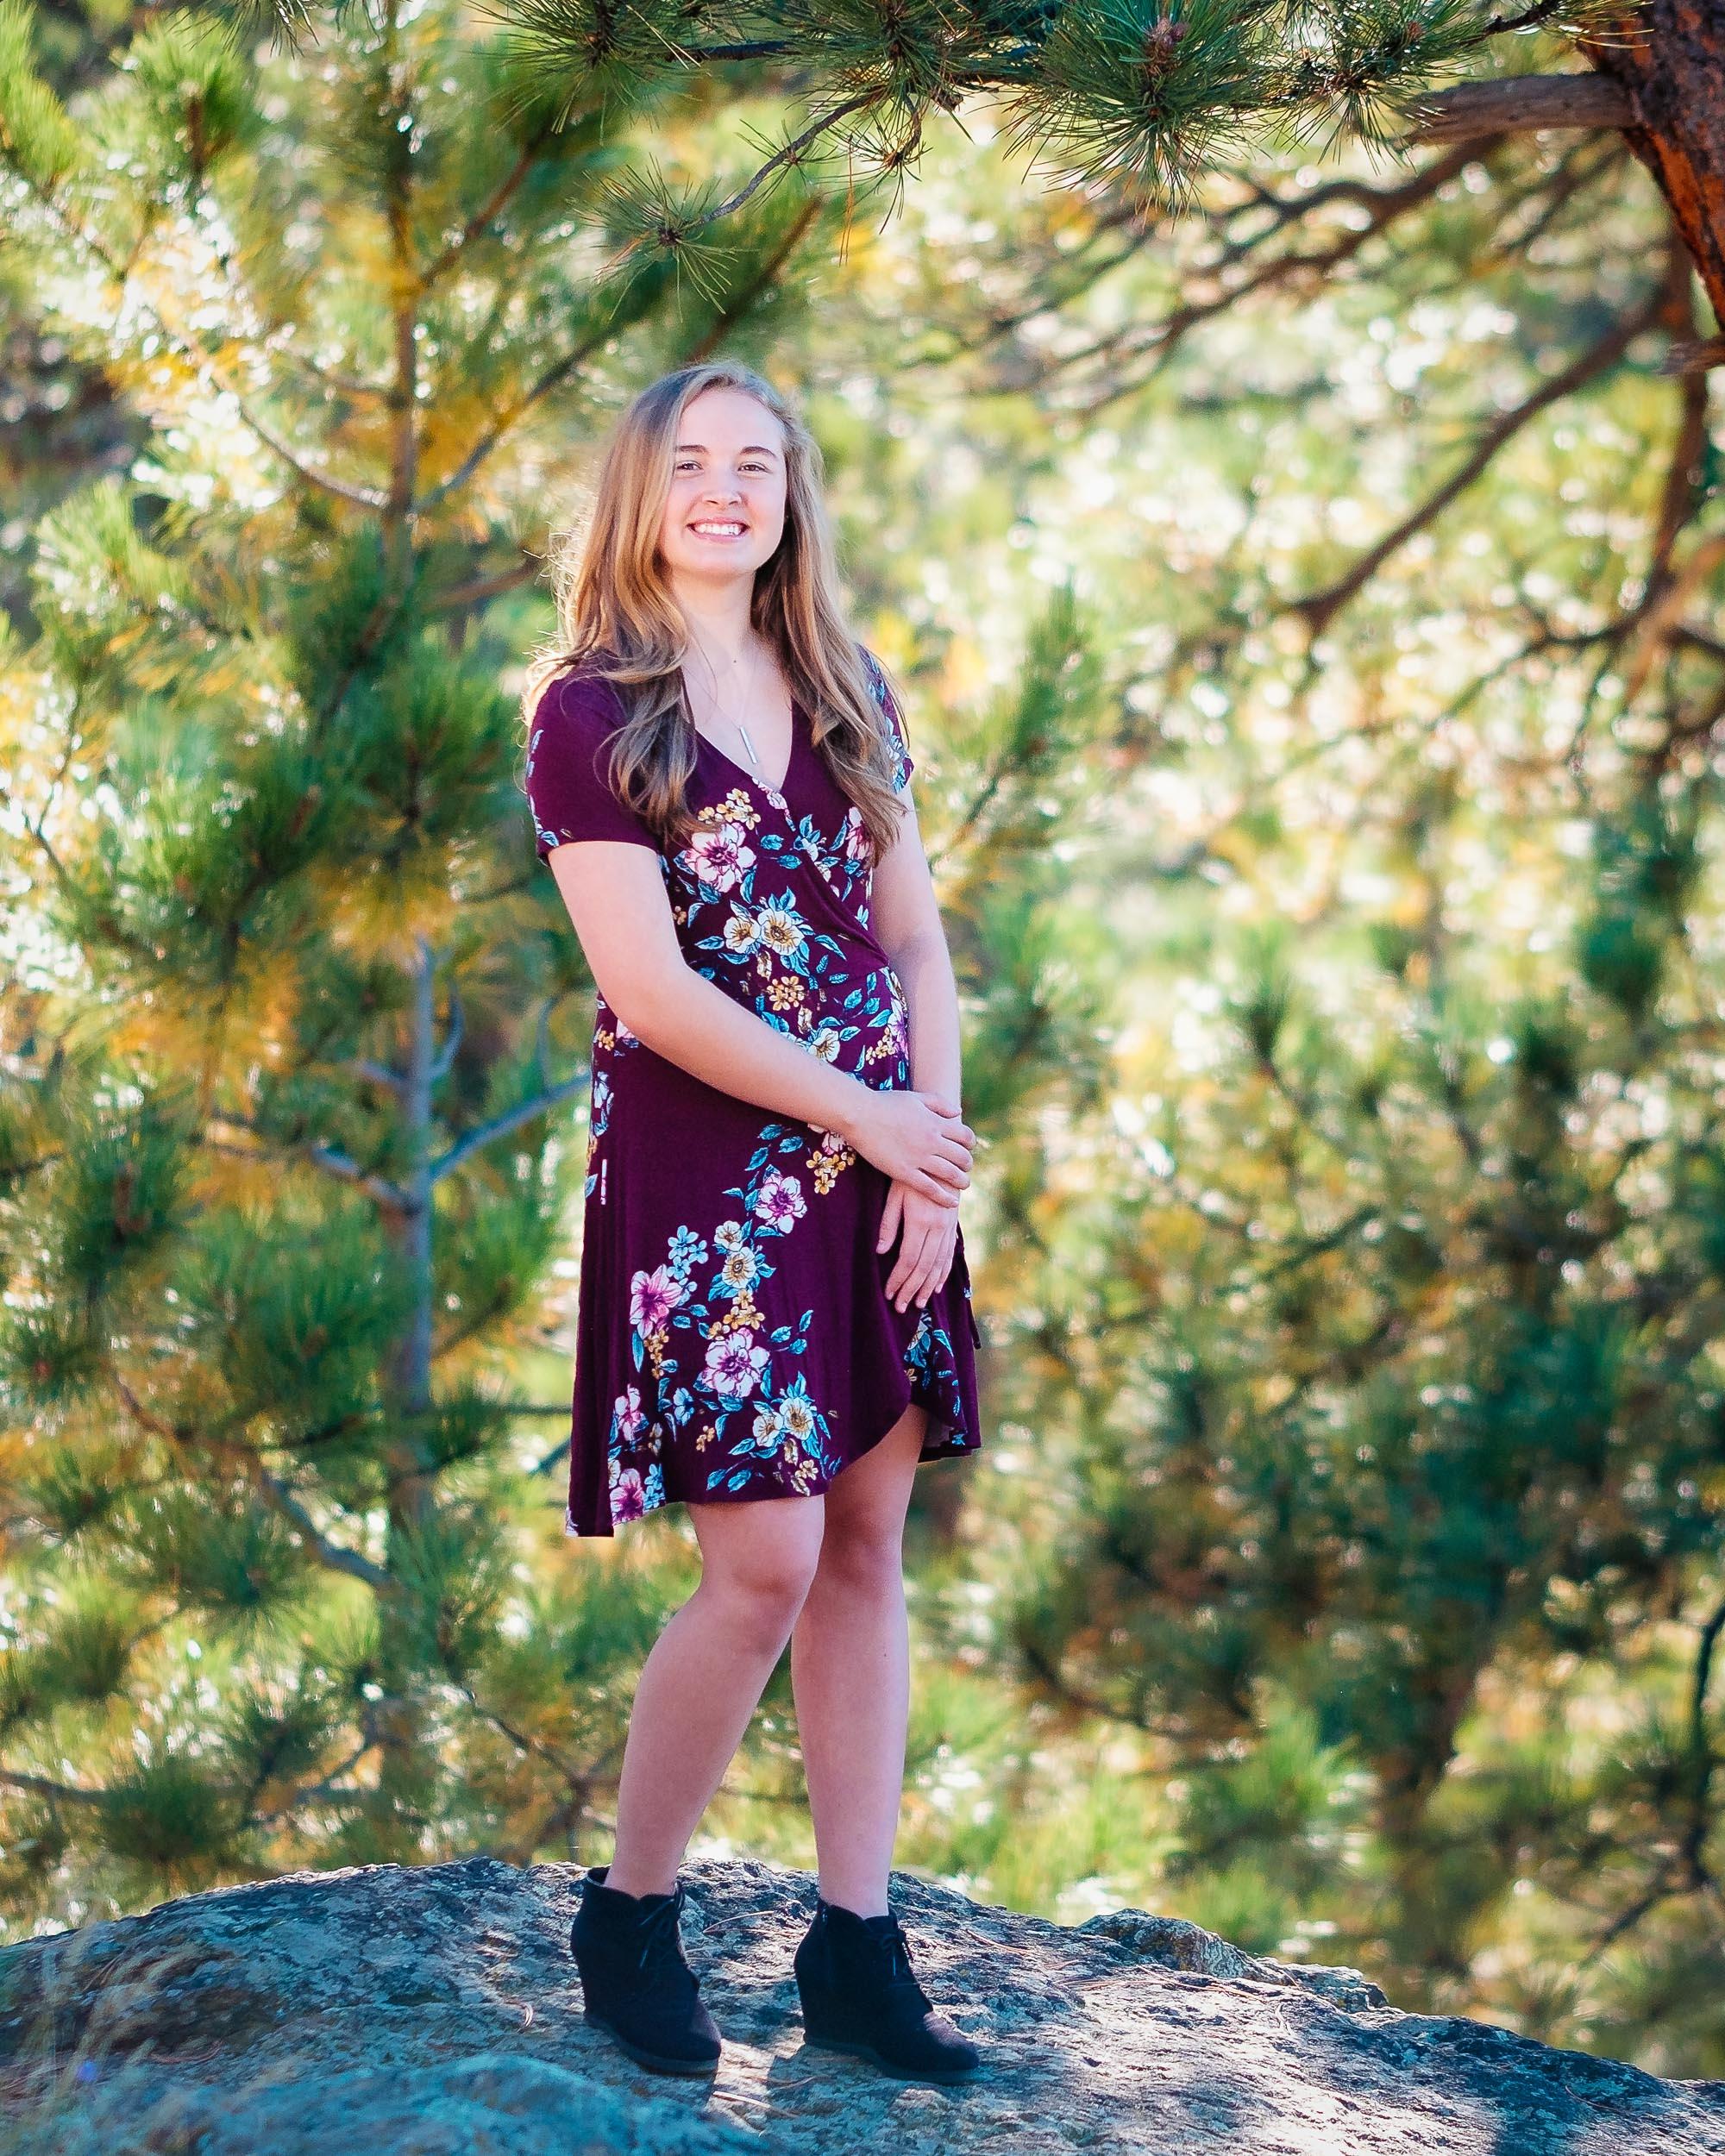 Isabell_K_Senior-64.jpg